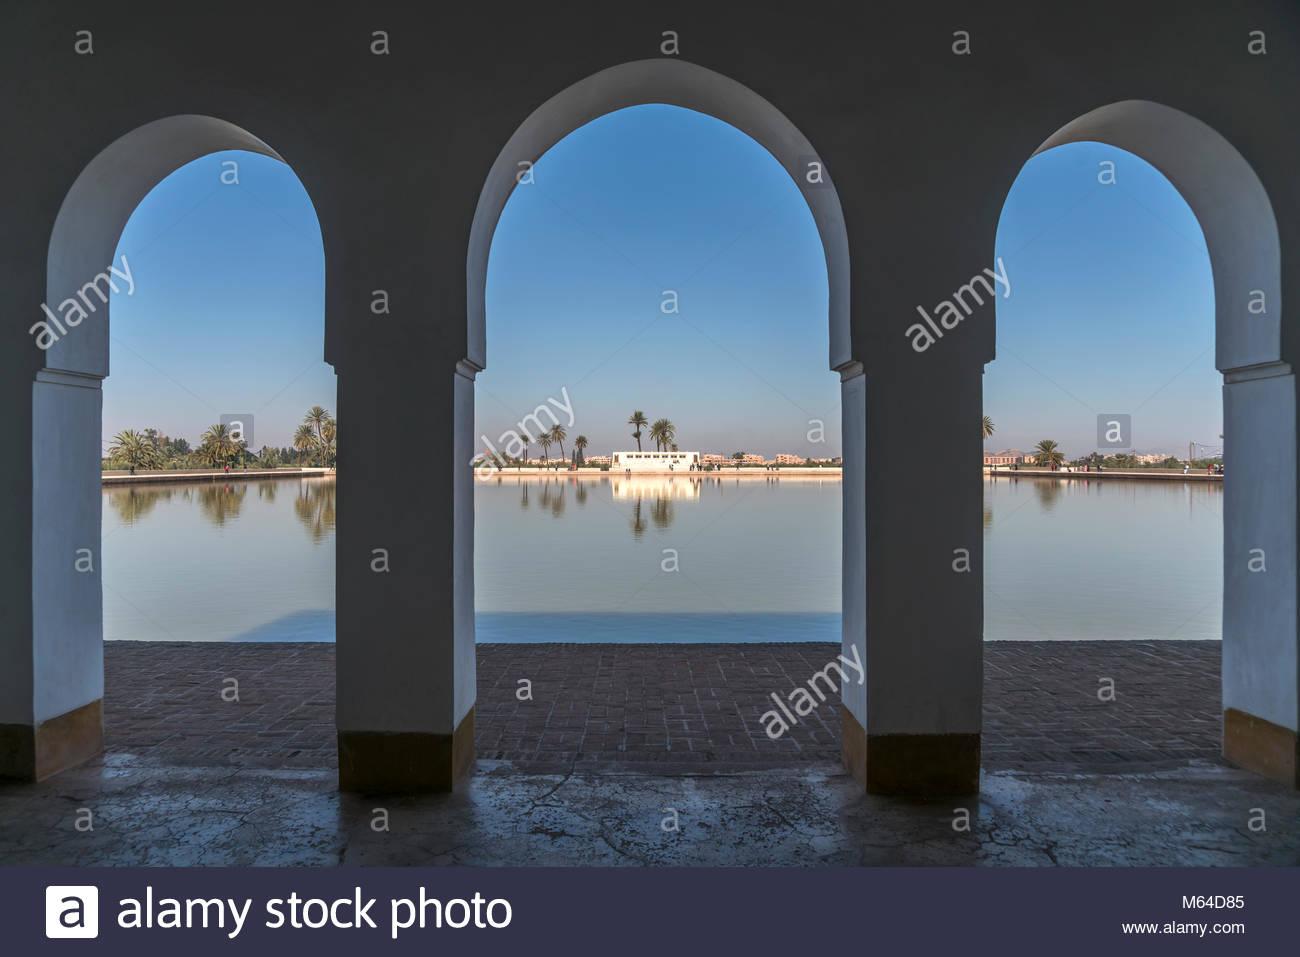 wasserbecken und pavillon im menara garten marrakesch knigreich marokko M64D85